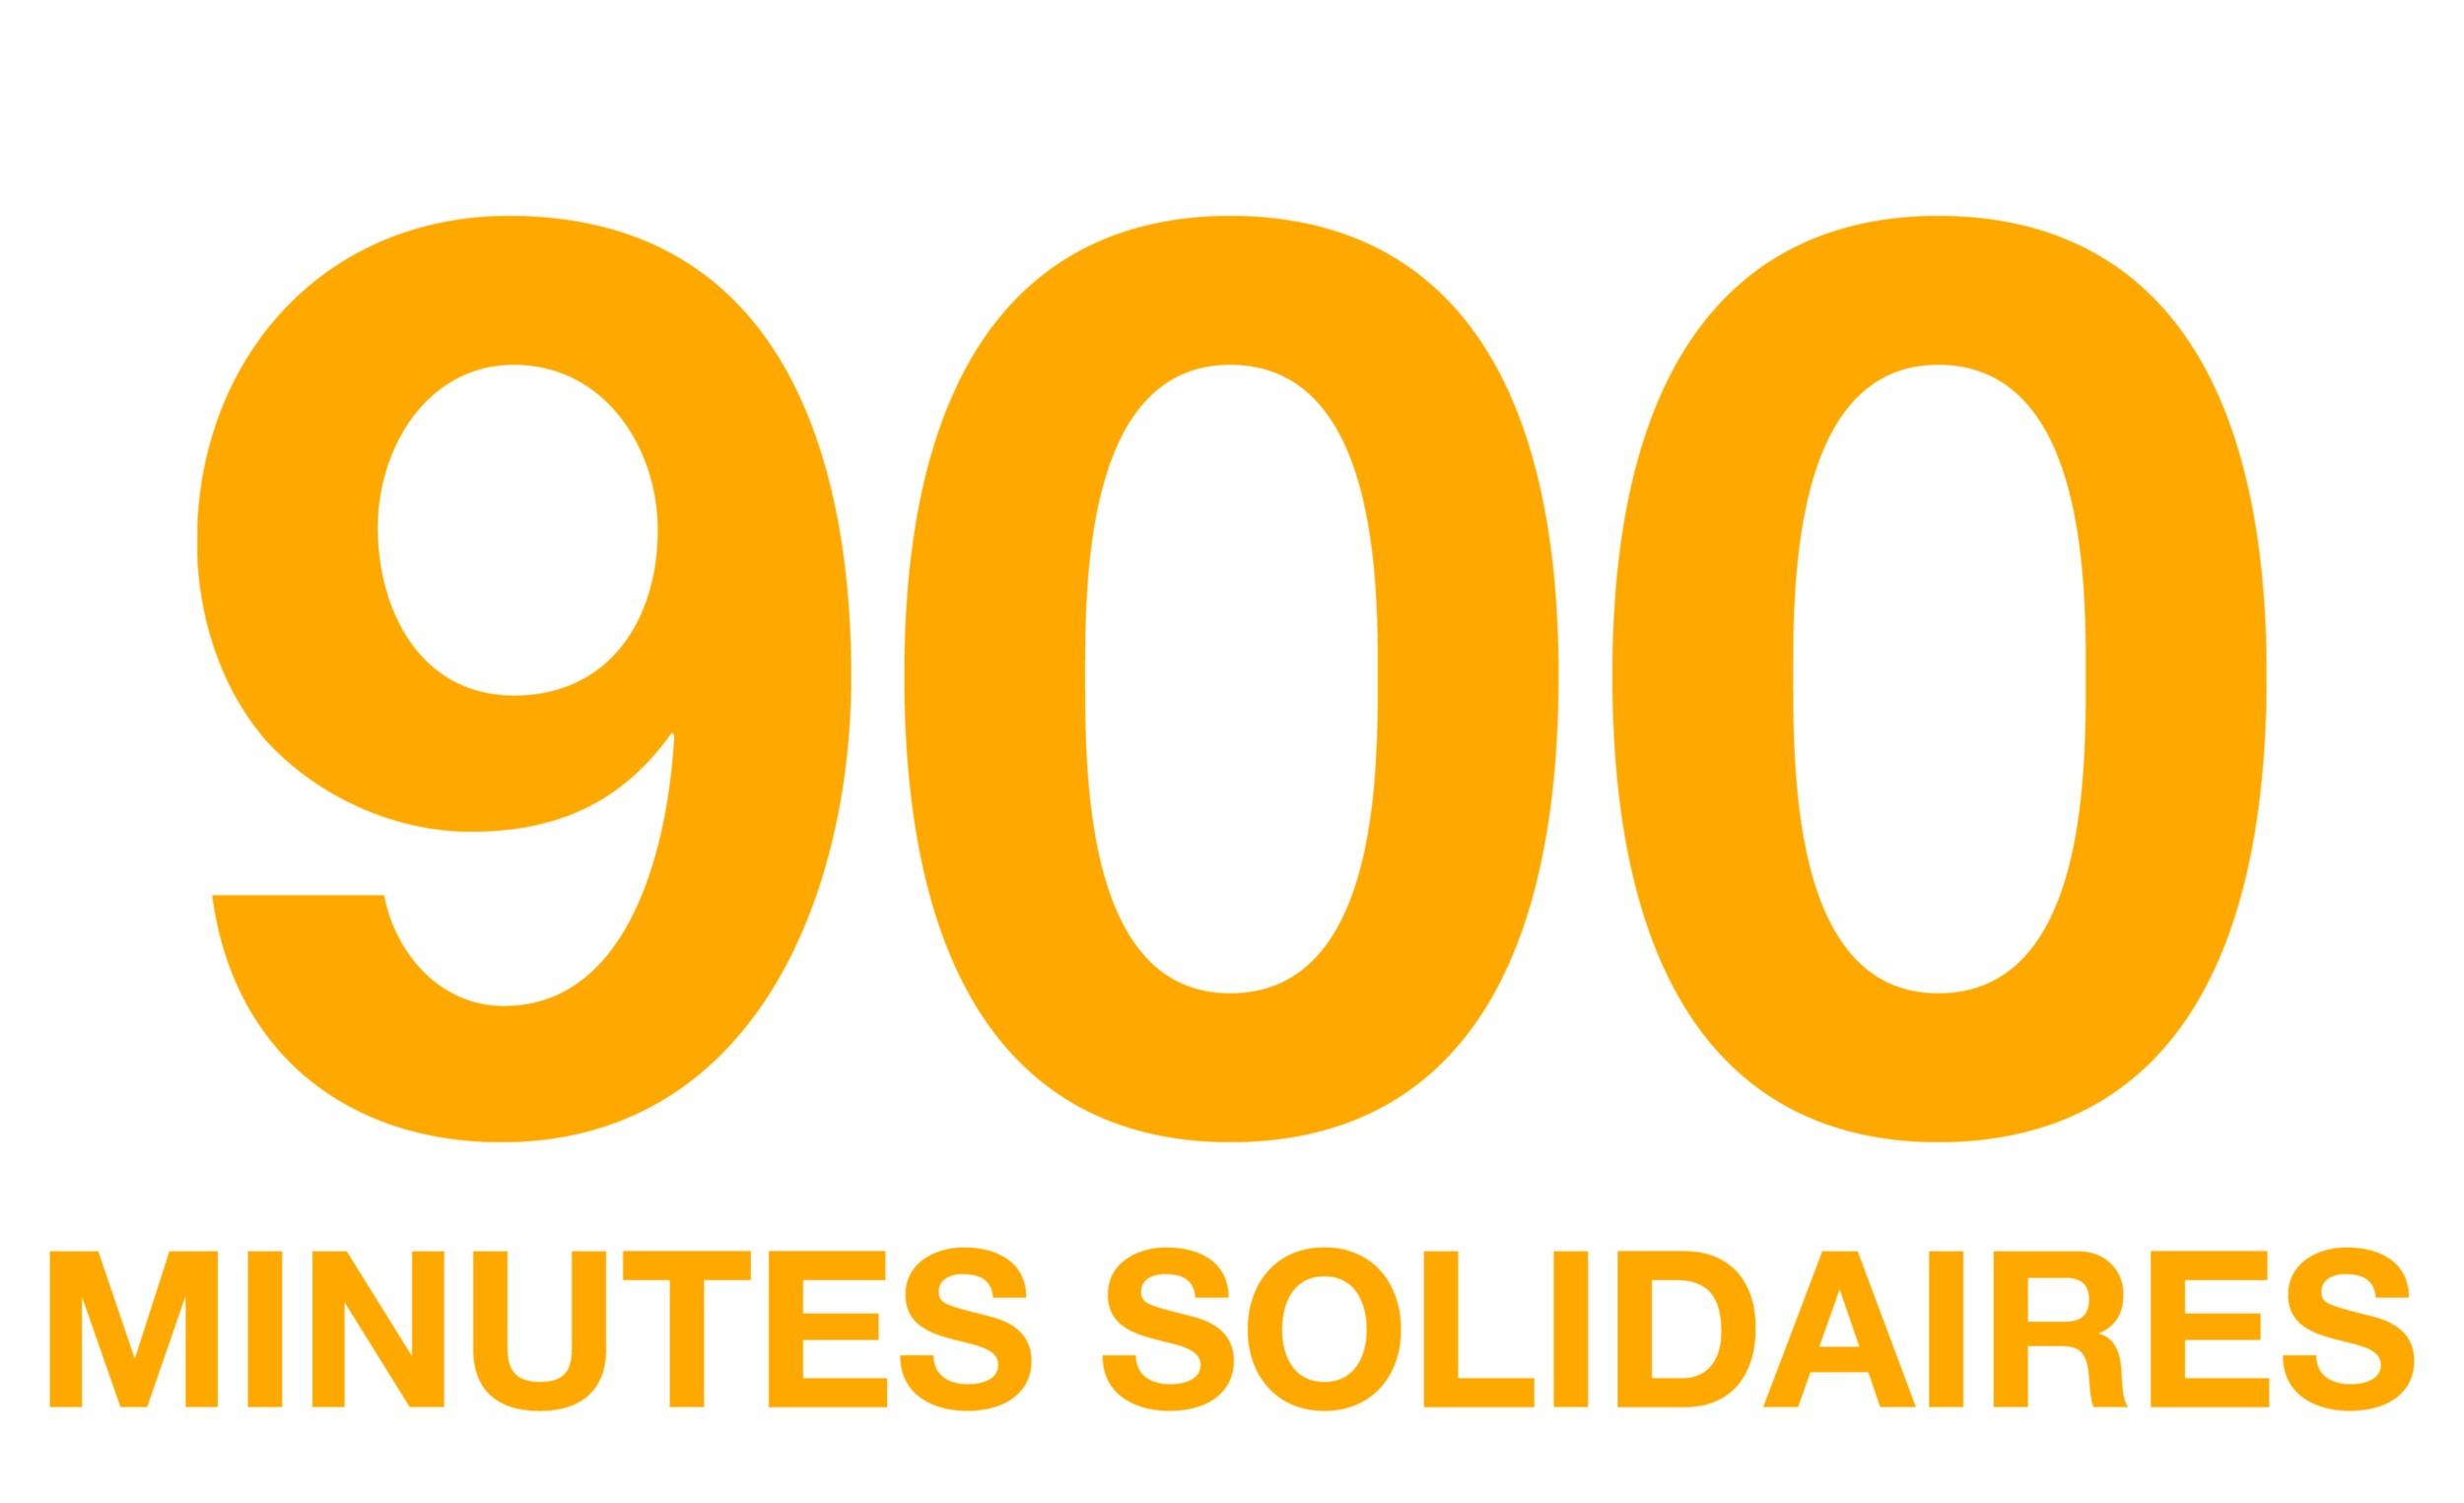 Depuis 2015, nous avons organisé des dizaines de cours dont la totalité des bénéfices a été reversée à des associations (Octobre Rose, l'Unicef, le Refuge, SOS homophobie ...)